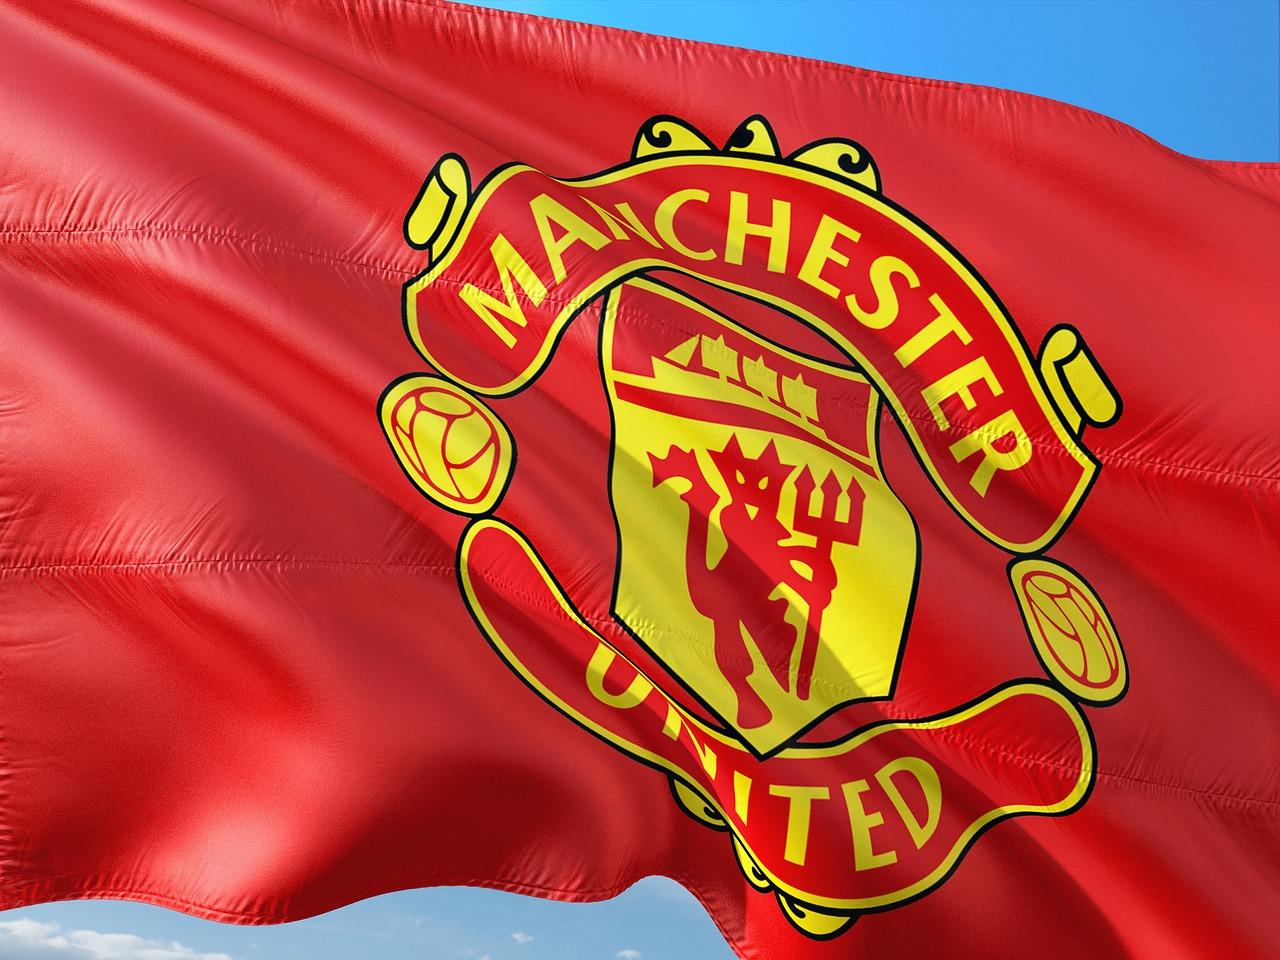 Le drapeau de Manchester